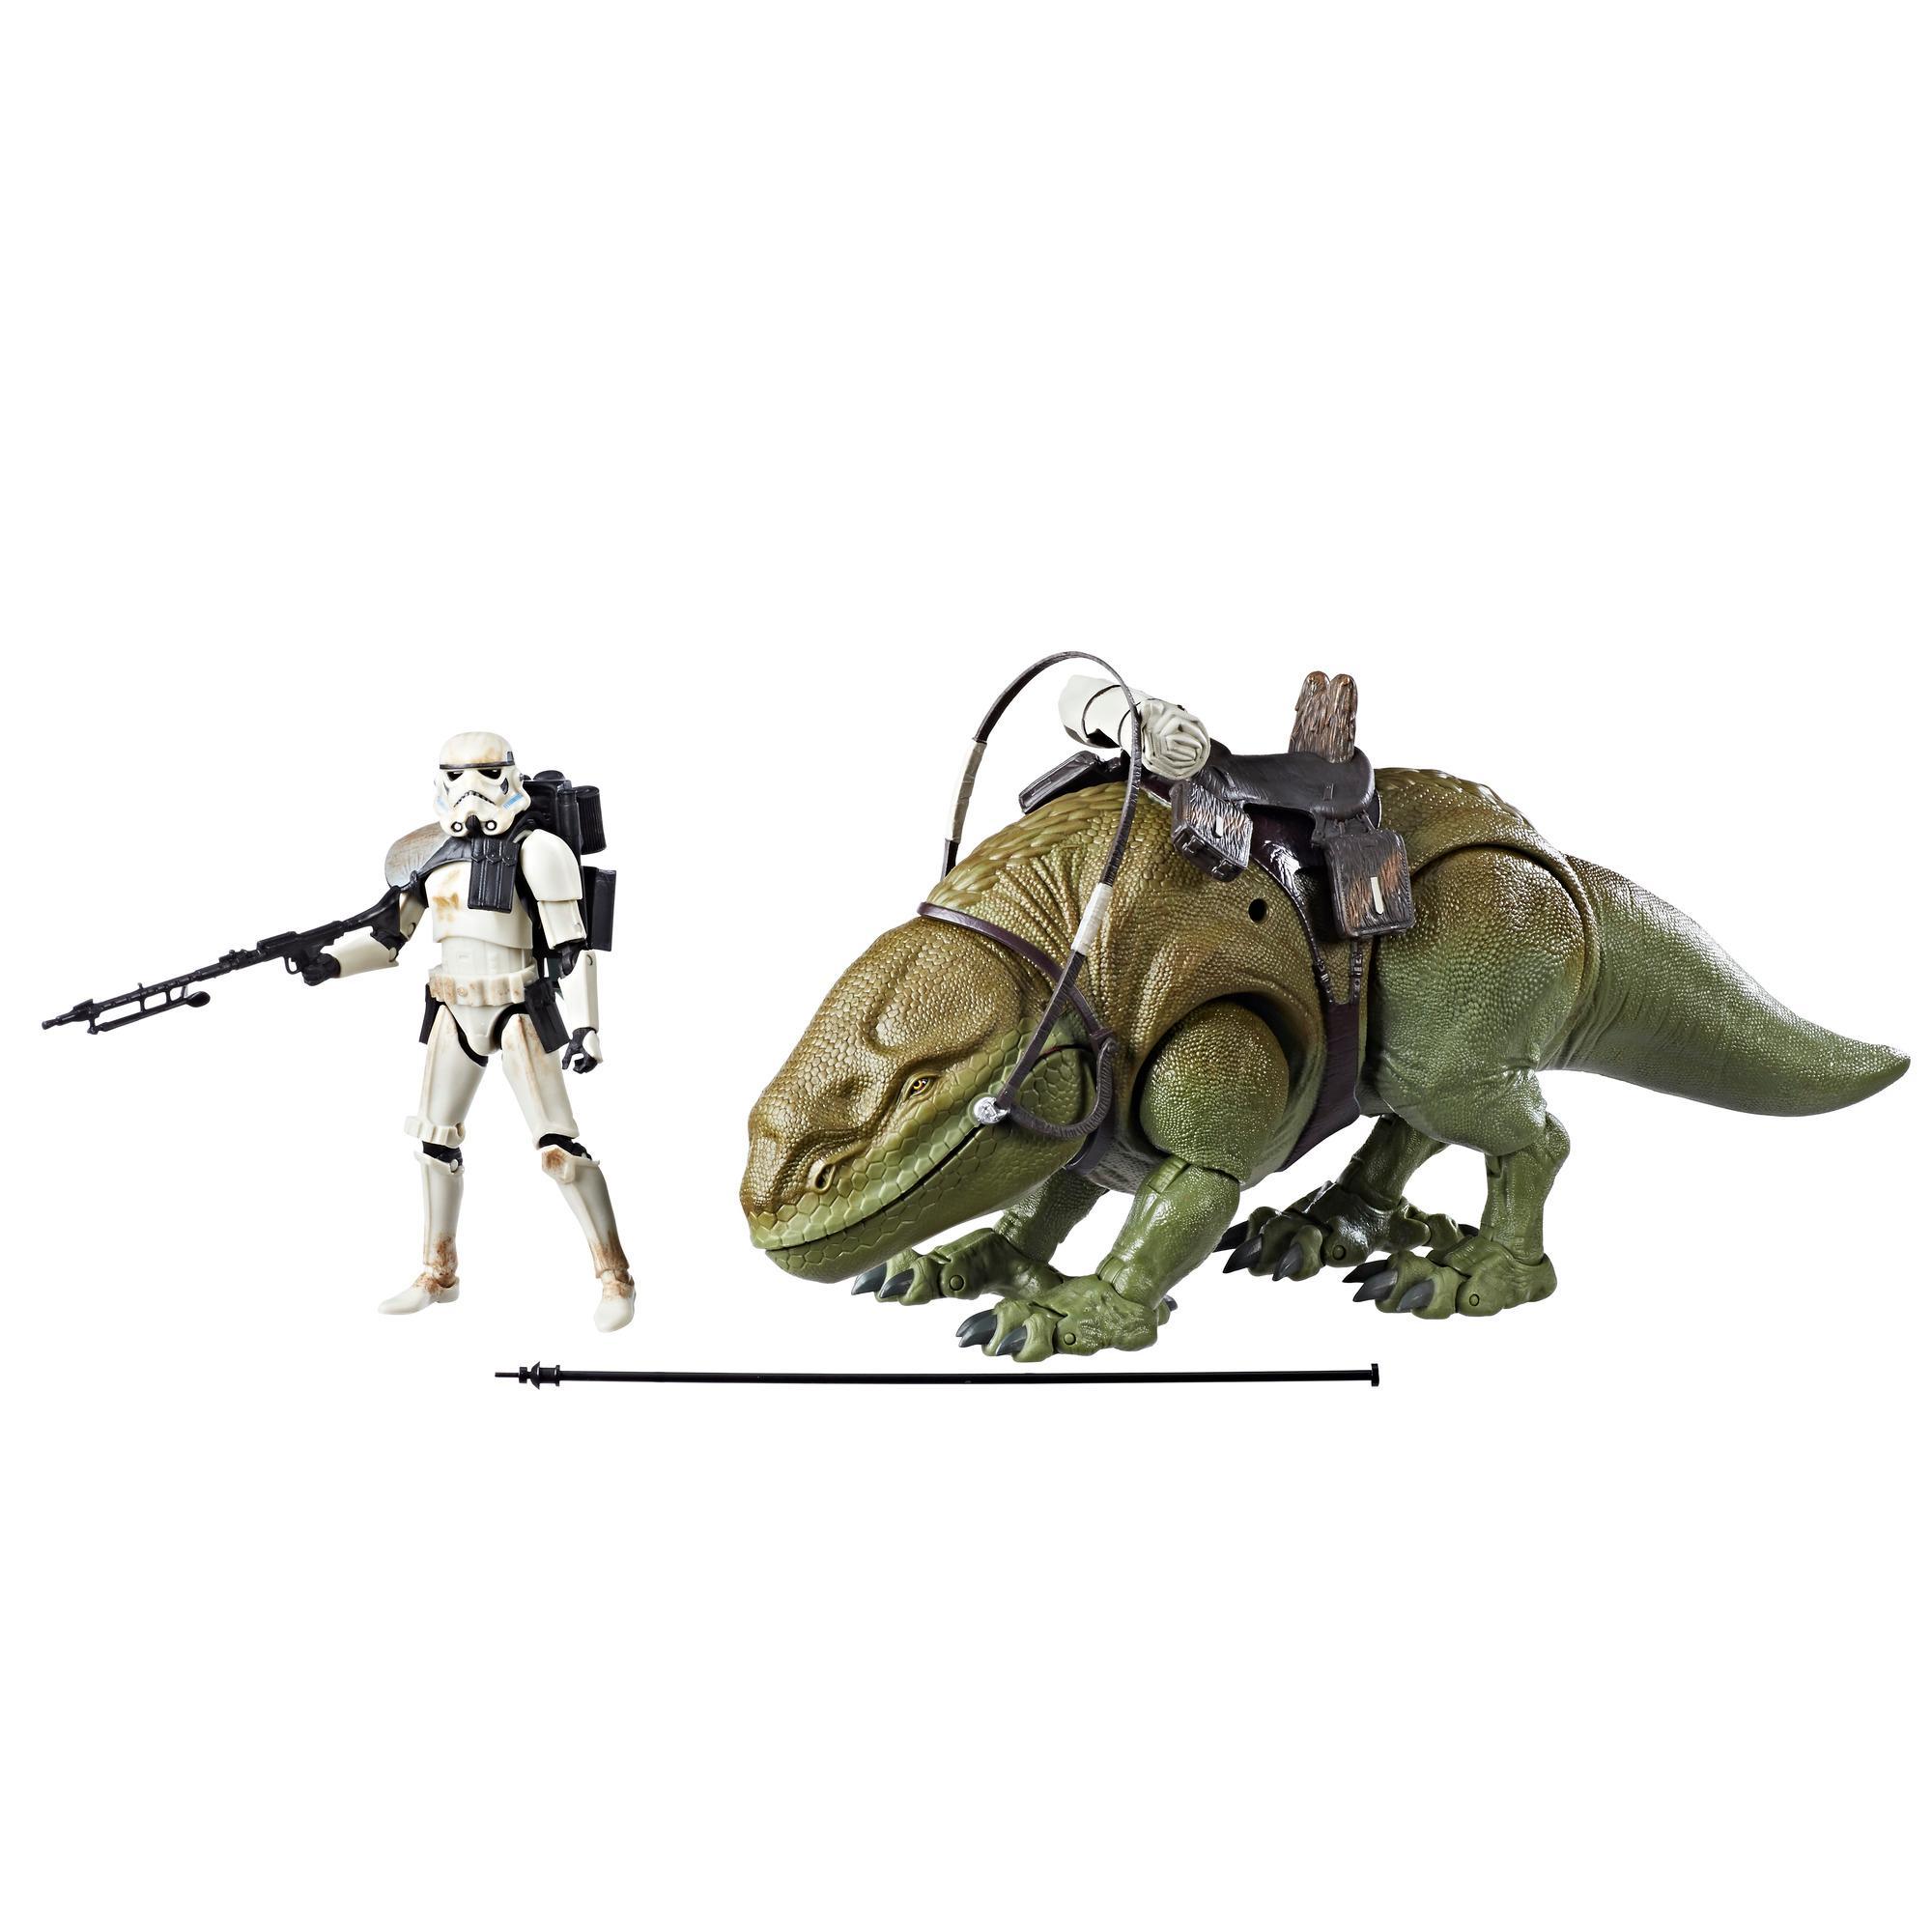 Star Wars Série noire - Dewback et Sandtrooper